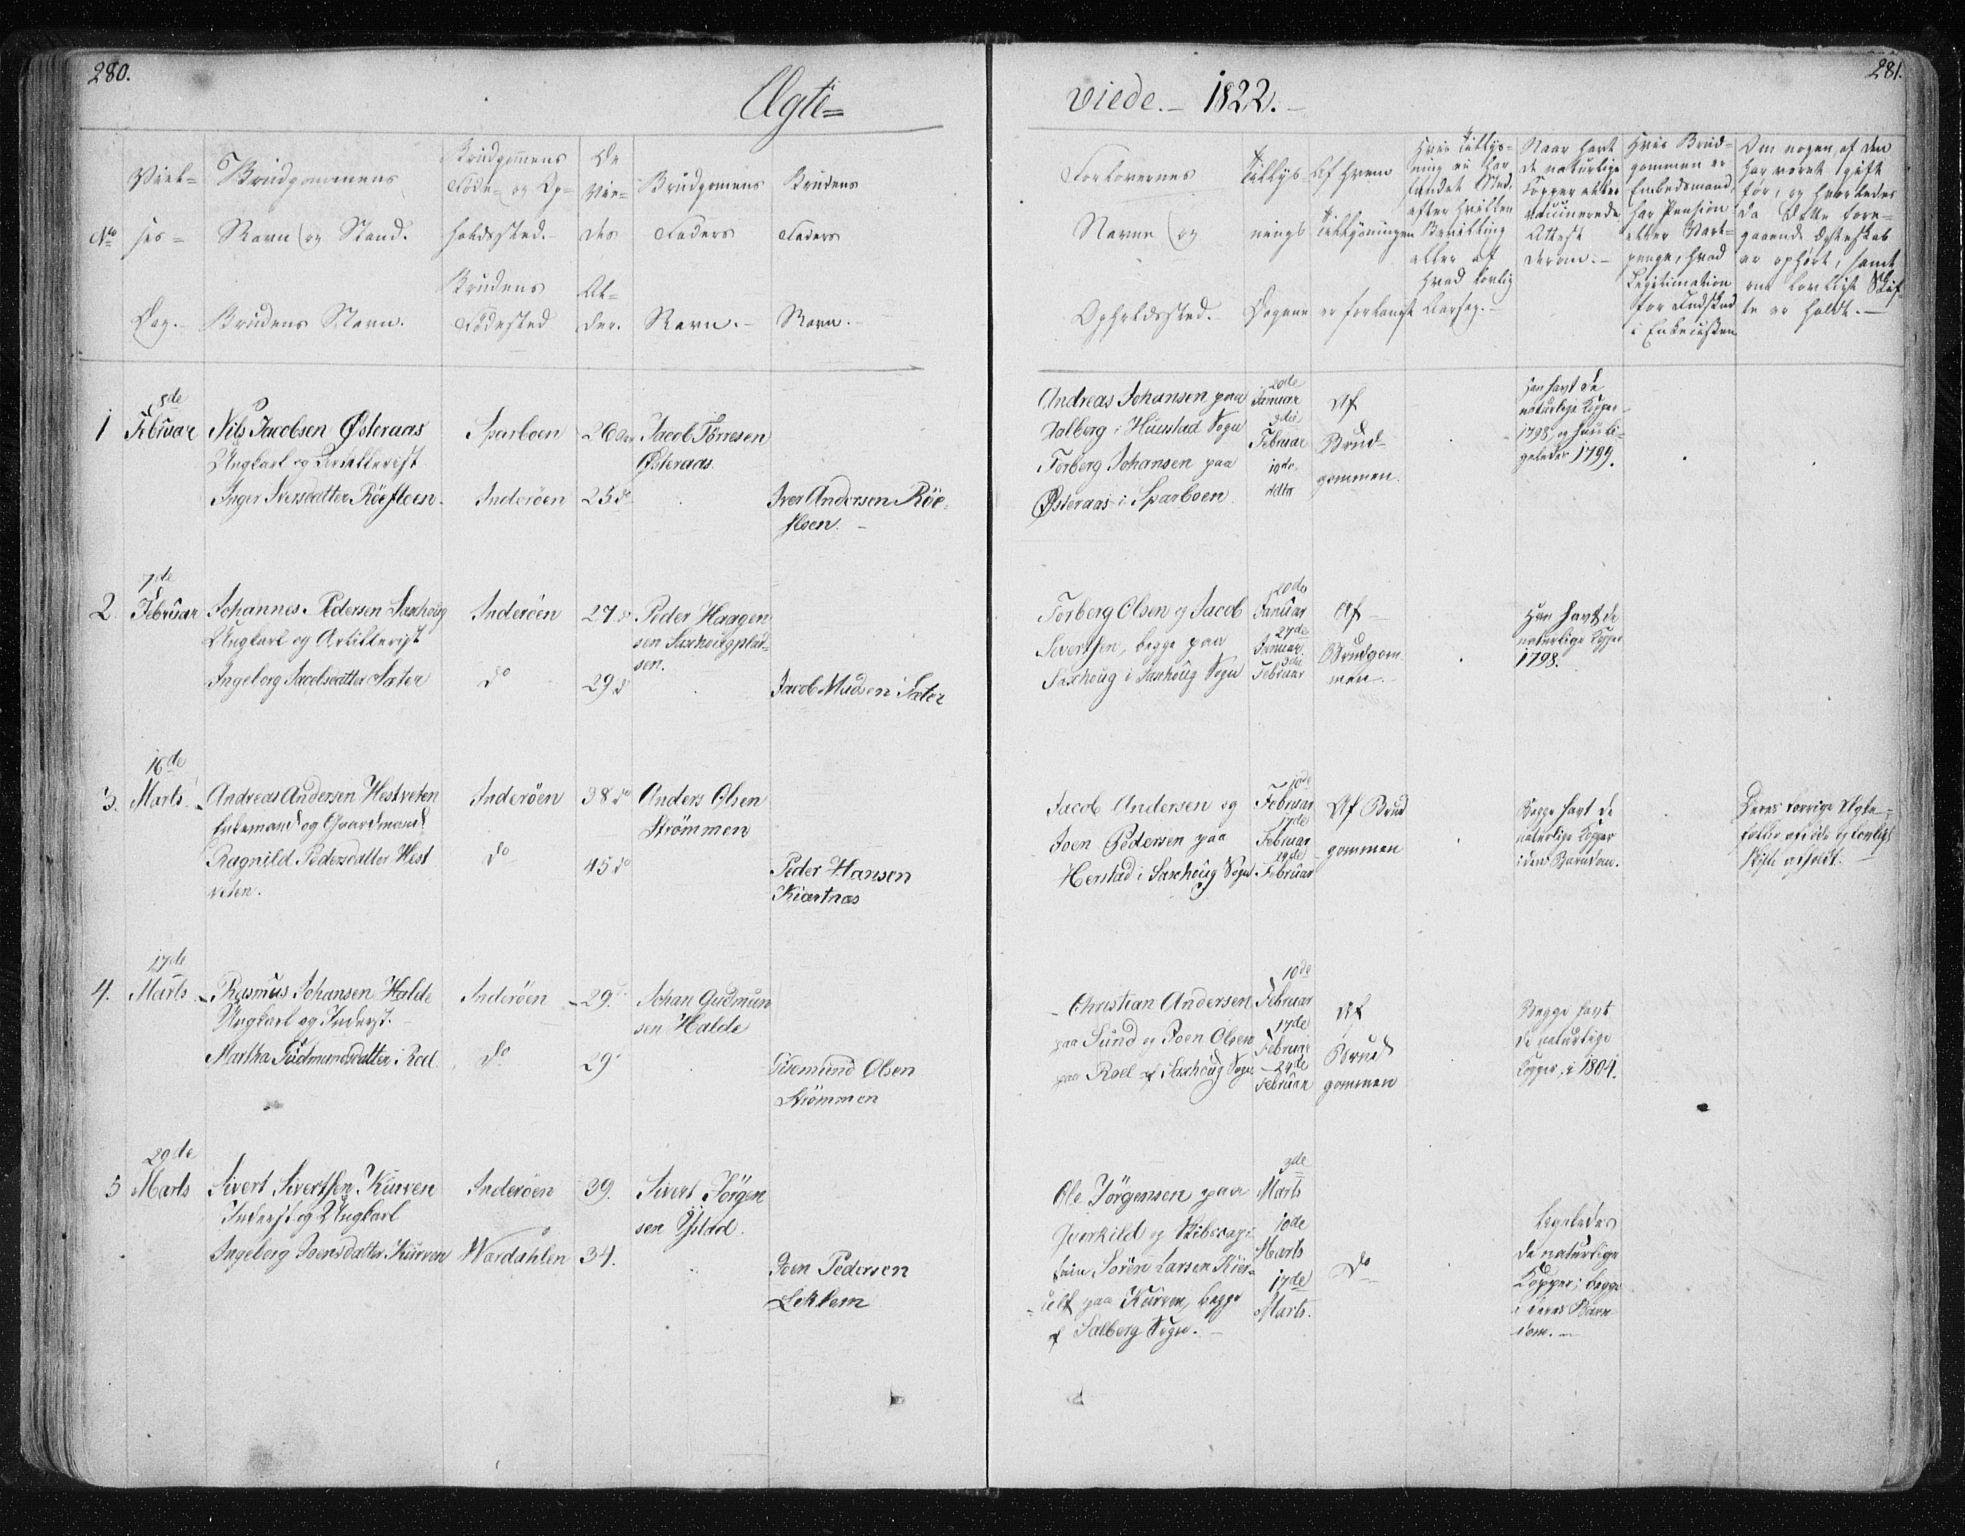 SAT, Ministerialprotokoller, klokkerbøker og fødselsregistre - Nord-Trøndelag, 730/L0276: Parish register (official) no. 730A05, 1822-1830, p. 280-281